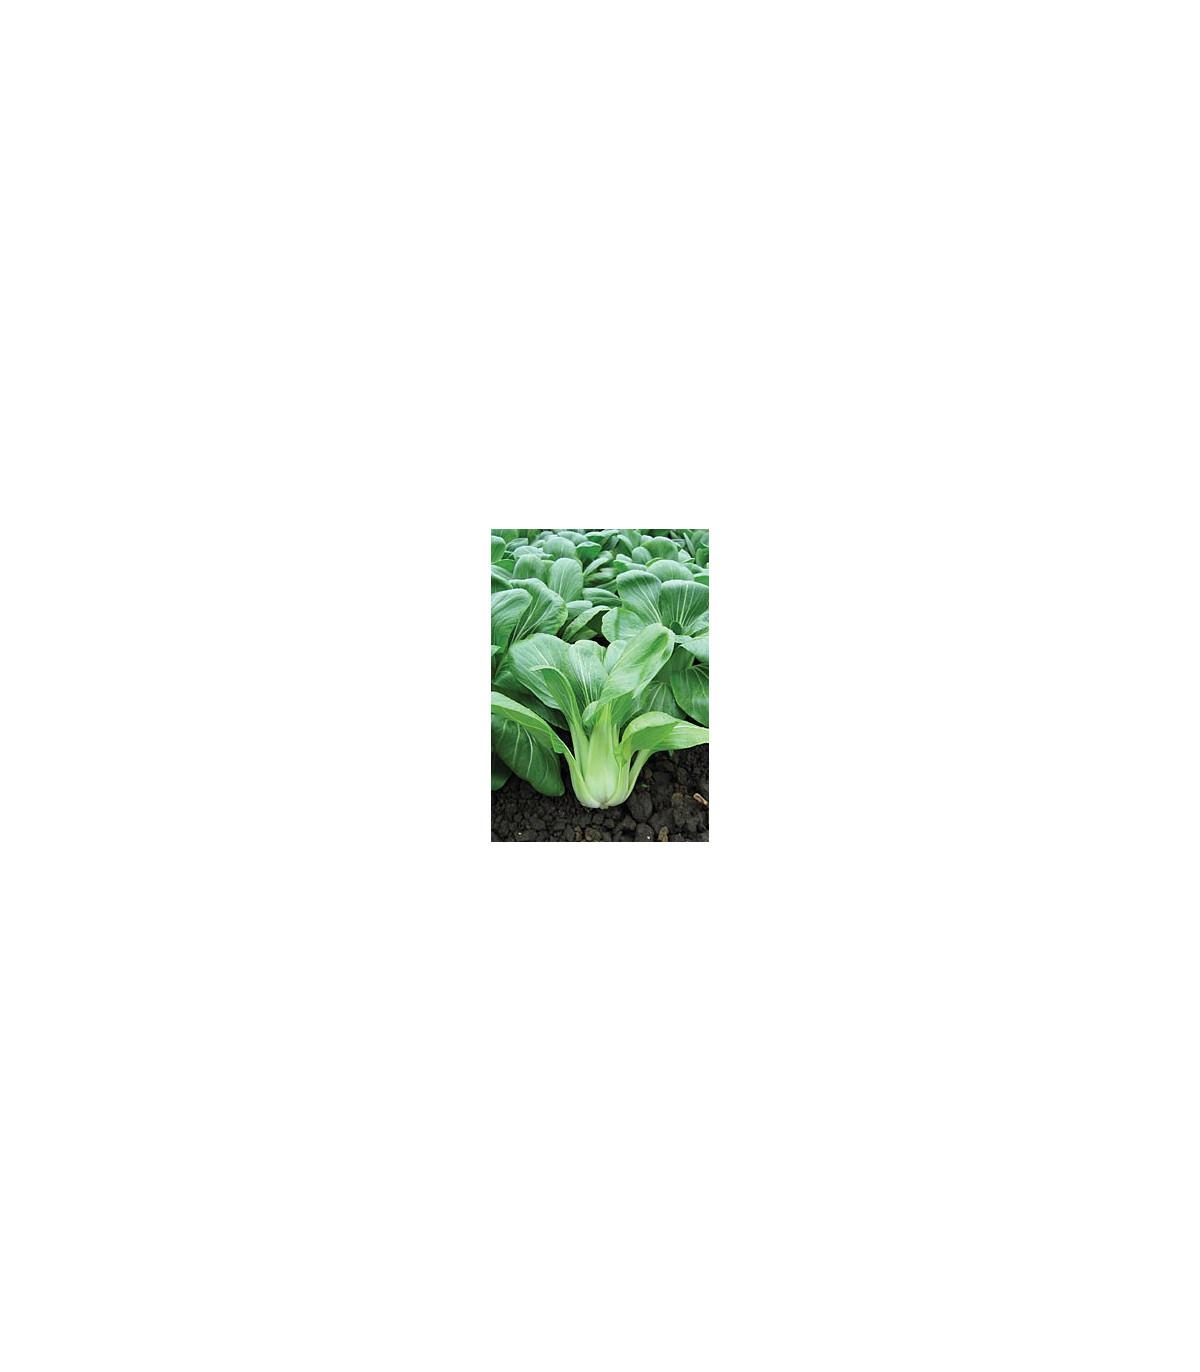 Pak Choi čínska kapusta Sagami - Ázijská zelenina - semená - 0,3 gr